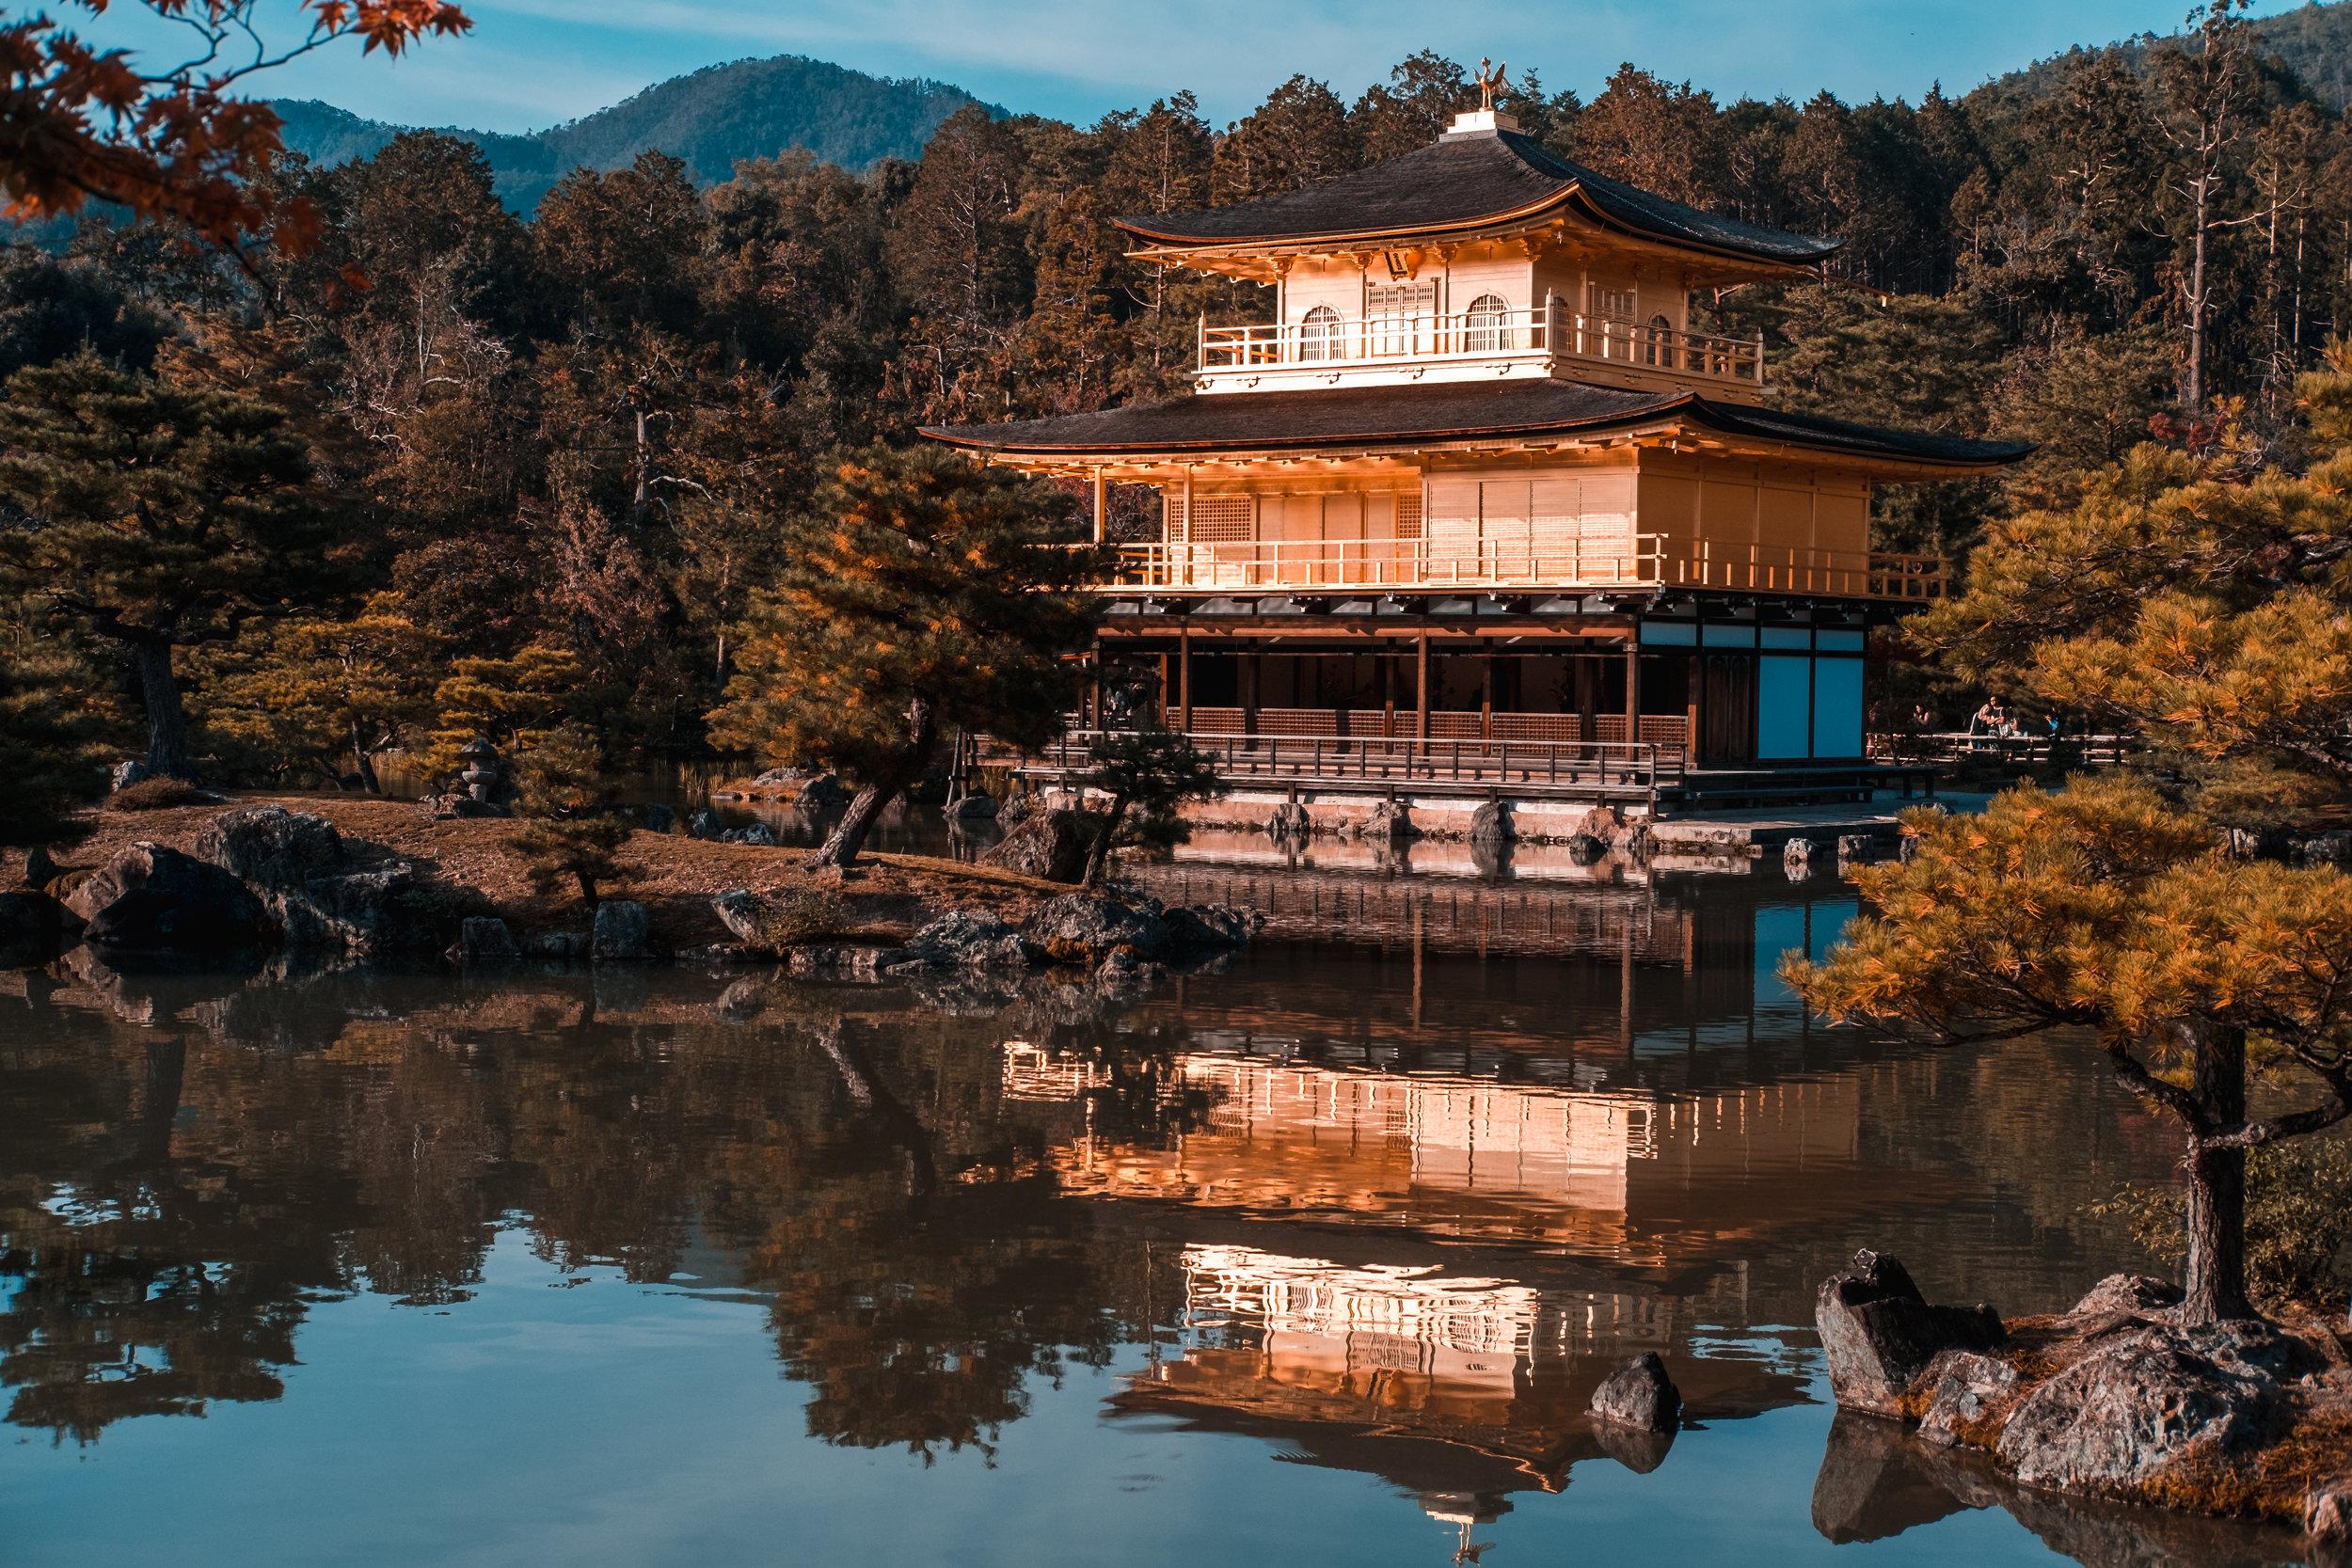 Kyoto_Nov_2018_AdamDillon_DSCF1320.jpg